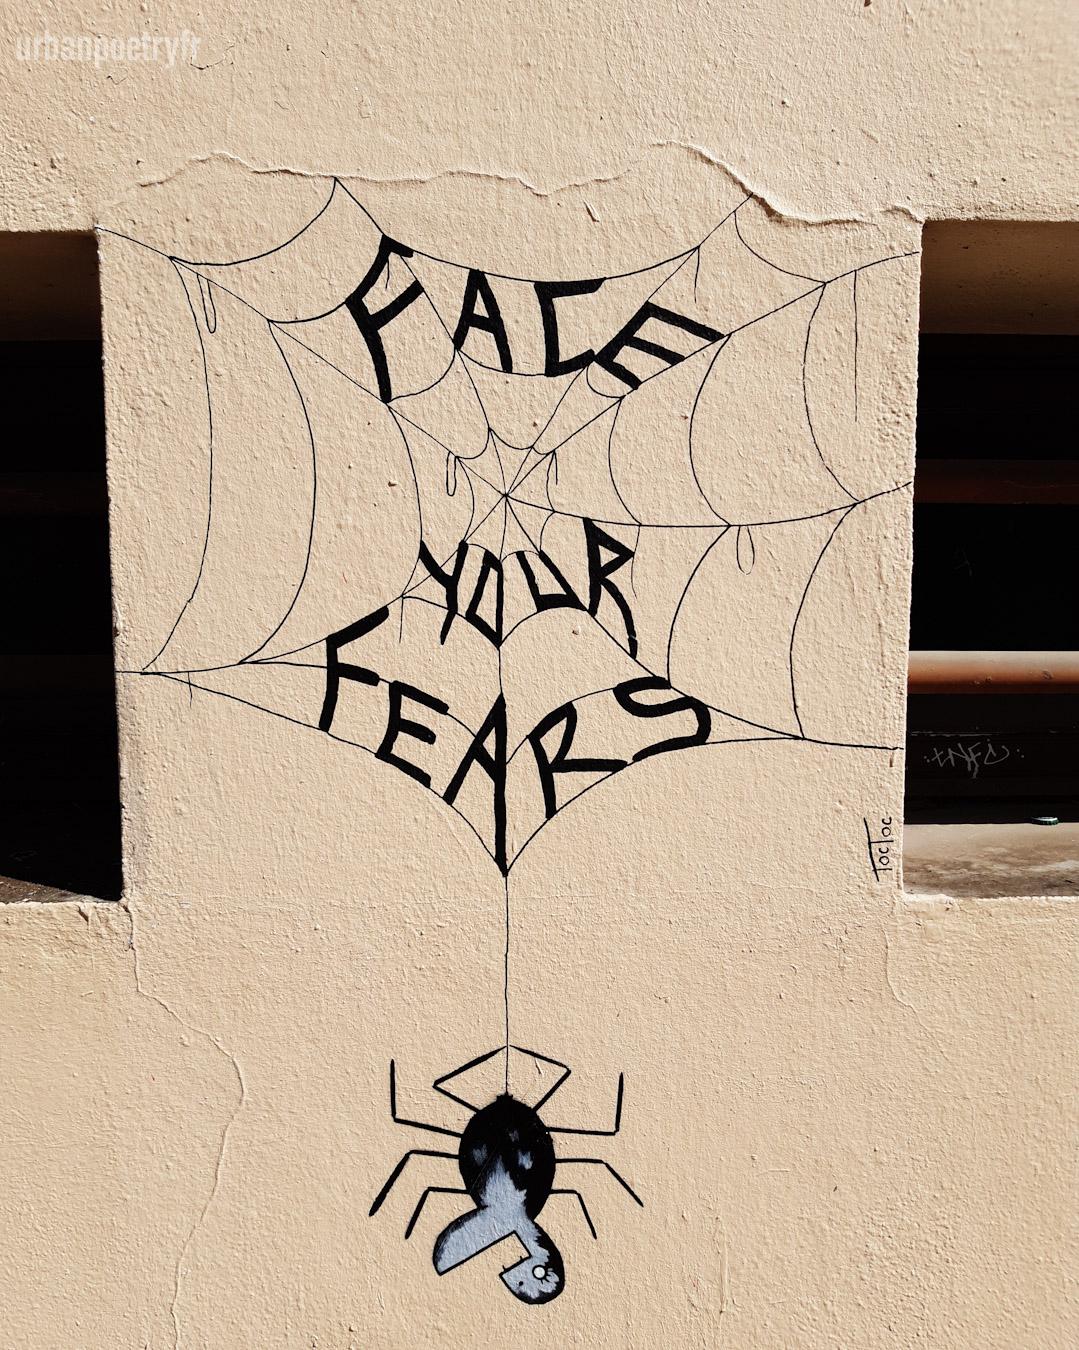 Face you fears par Toctoc